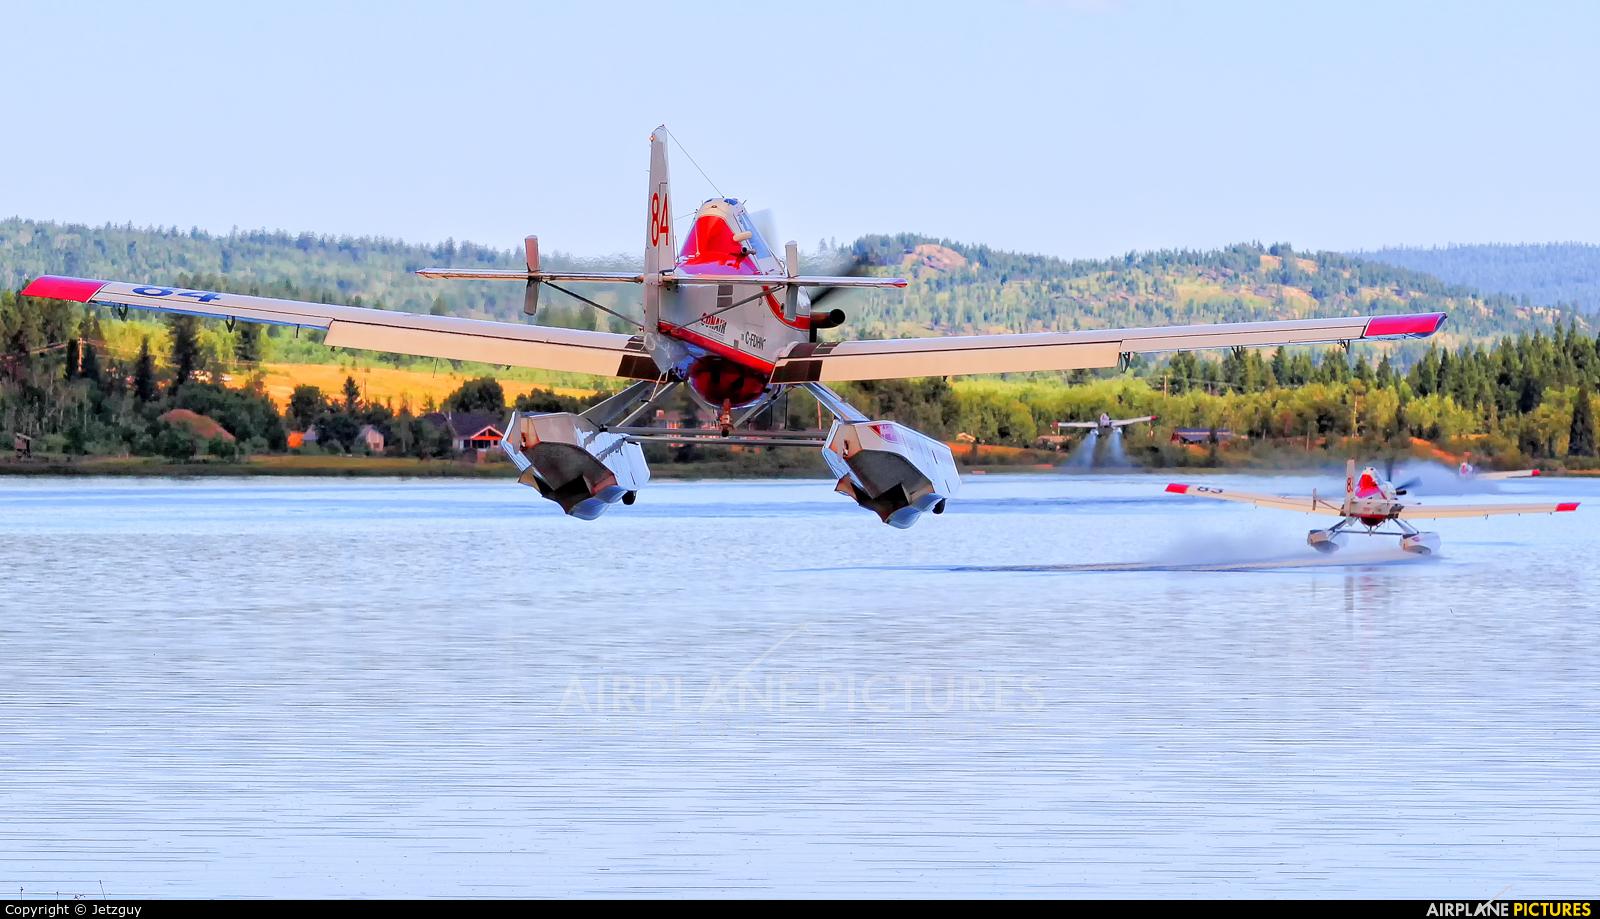 Conair C-FDHN aircraft at 100 Mile House - Watson Lake, BC